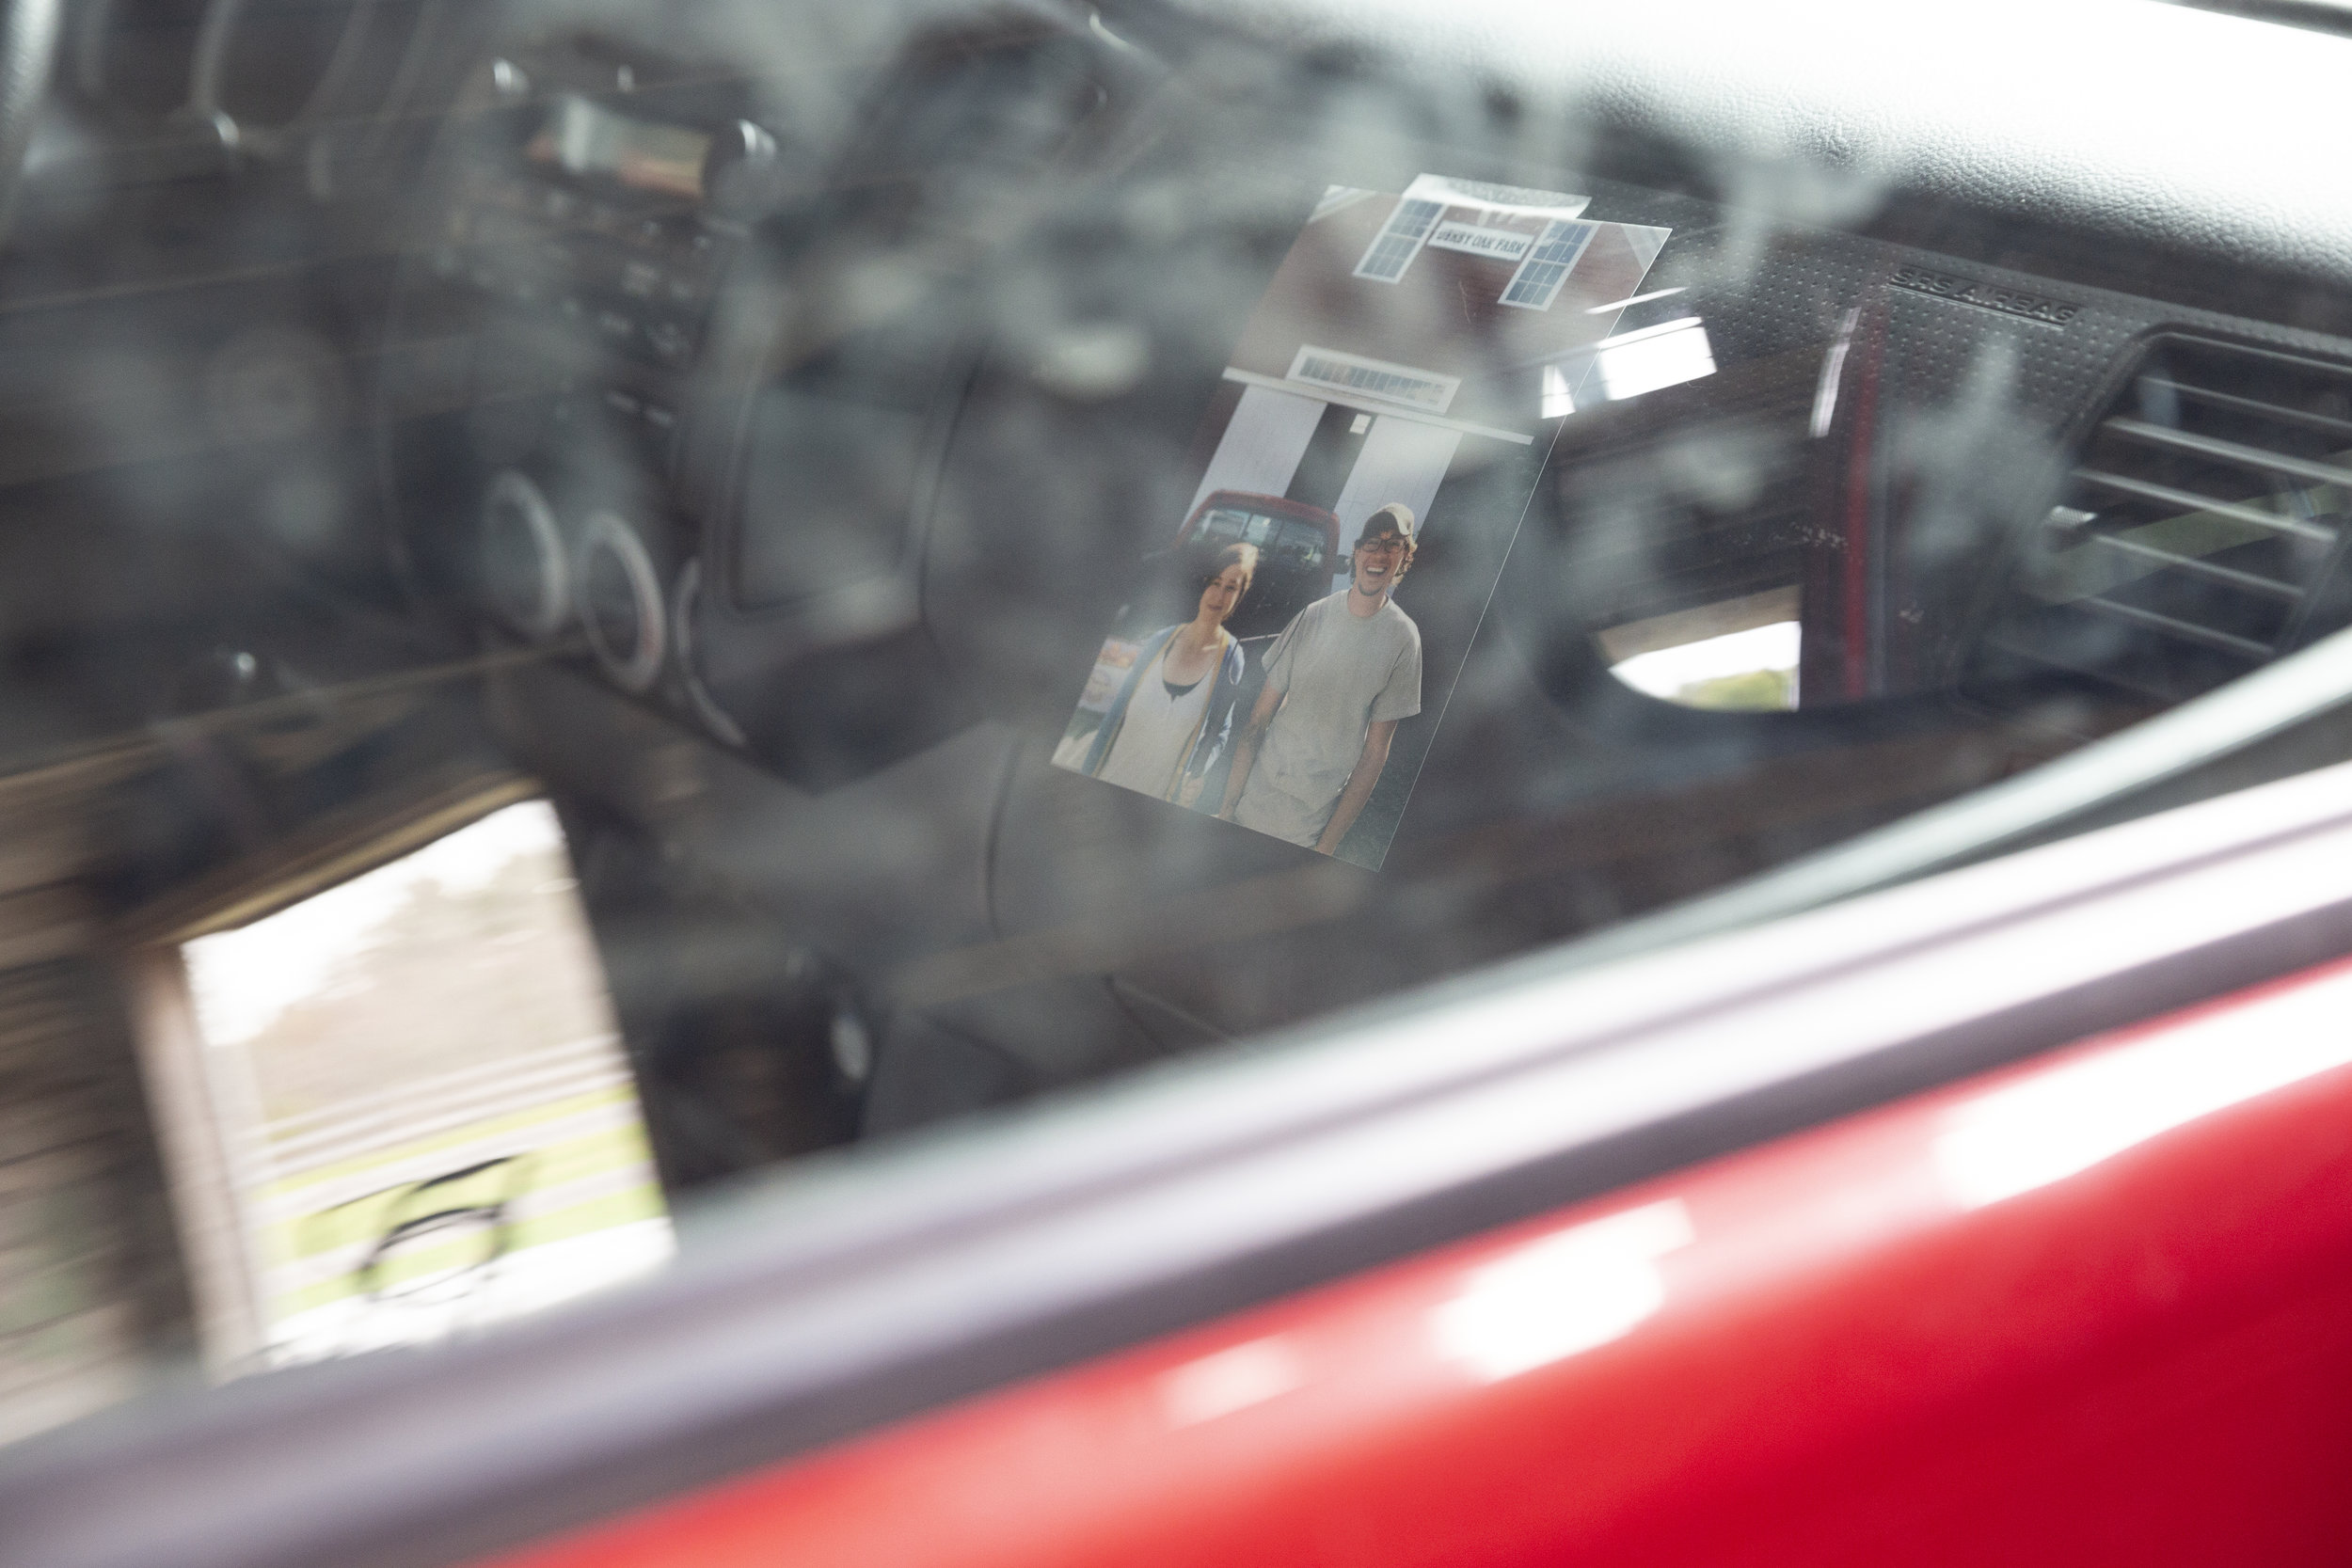 04-Wedding-Reflection_4-30-18_RAW_Digital.JPG